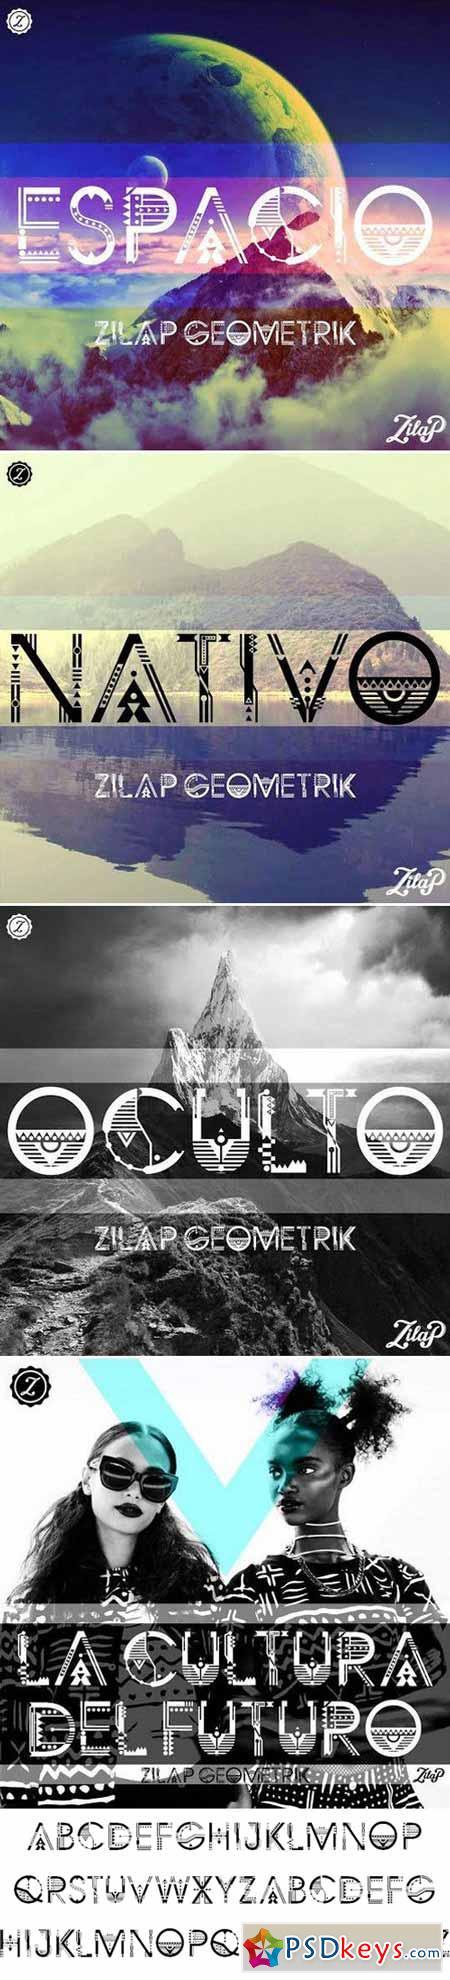 Zilap Geometrik Font